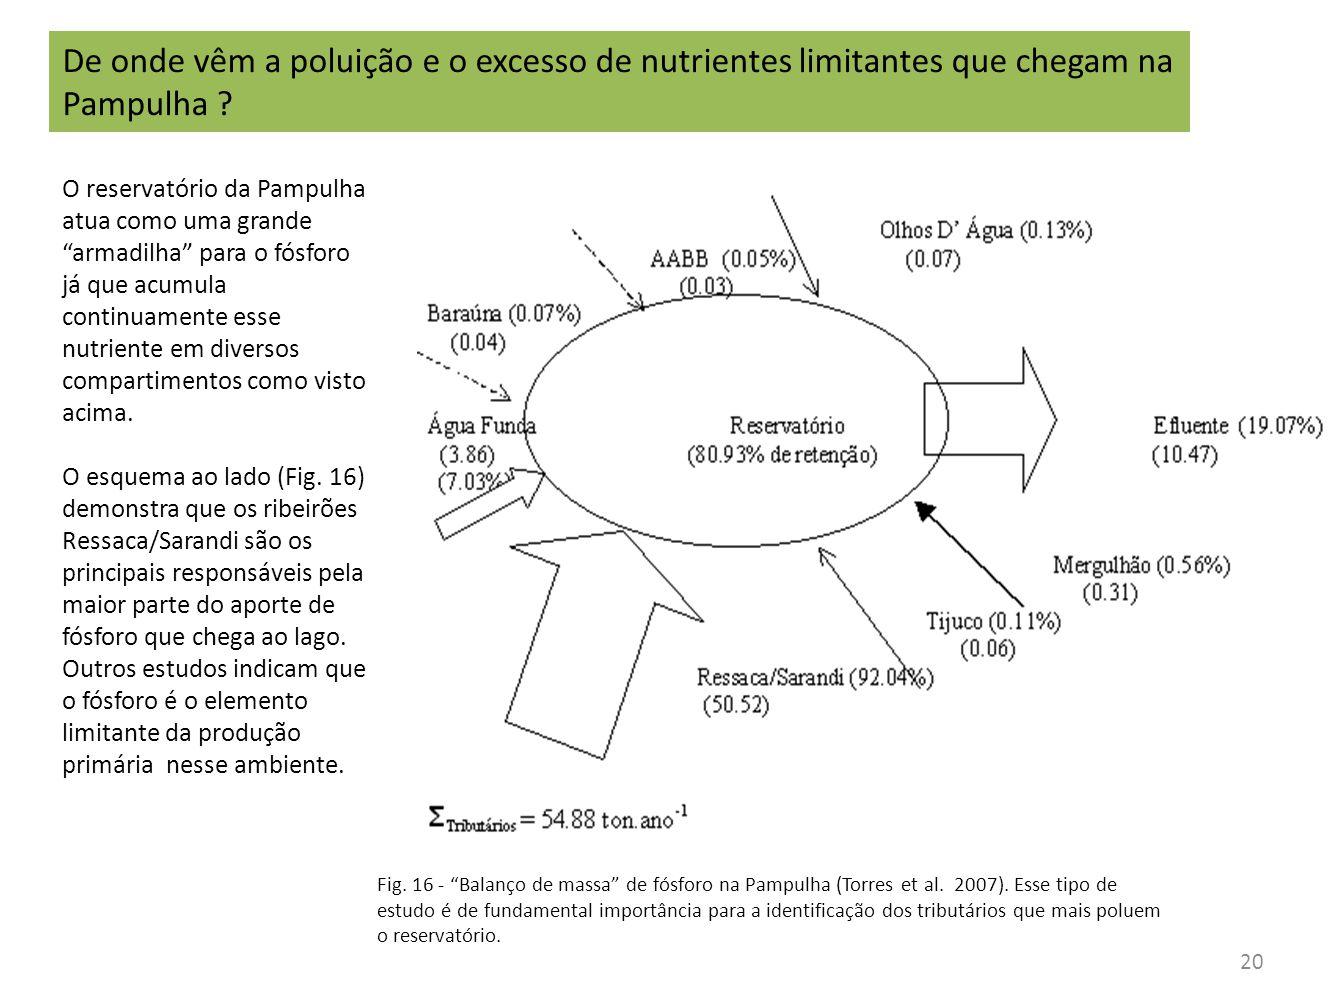 Fig. 16 - Balanço de massa de fósforo na Pampulha (Torres et al. 2007). Esse tipo de estudo é de fundamental importância para a identificação dos trib